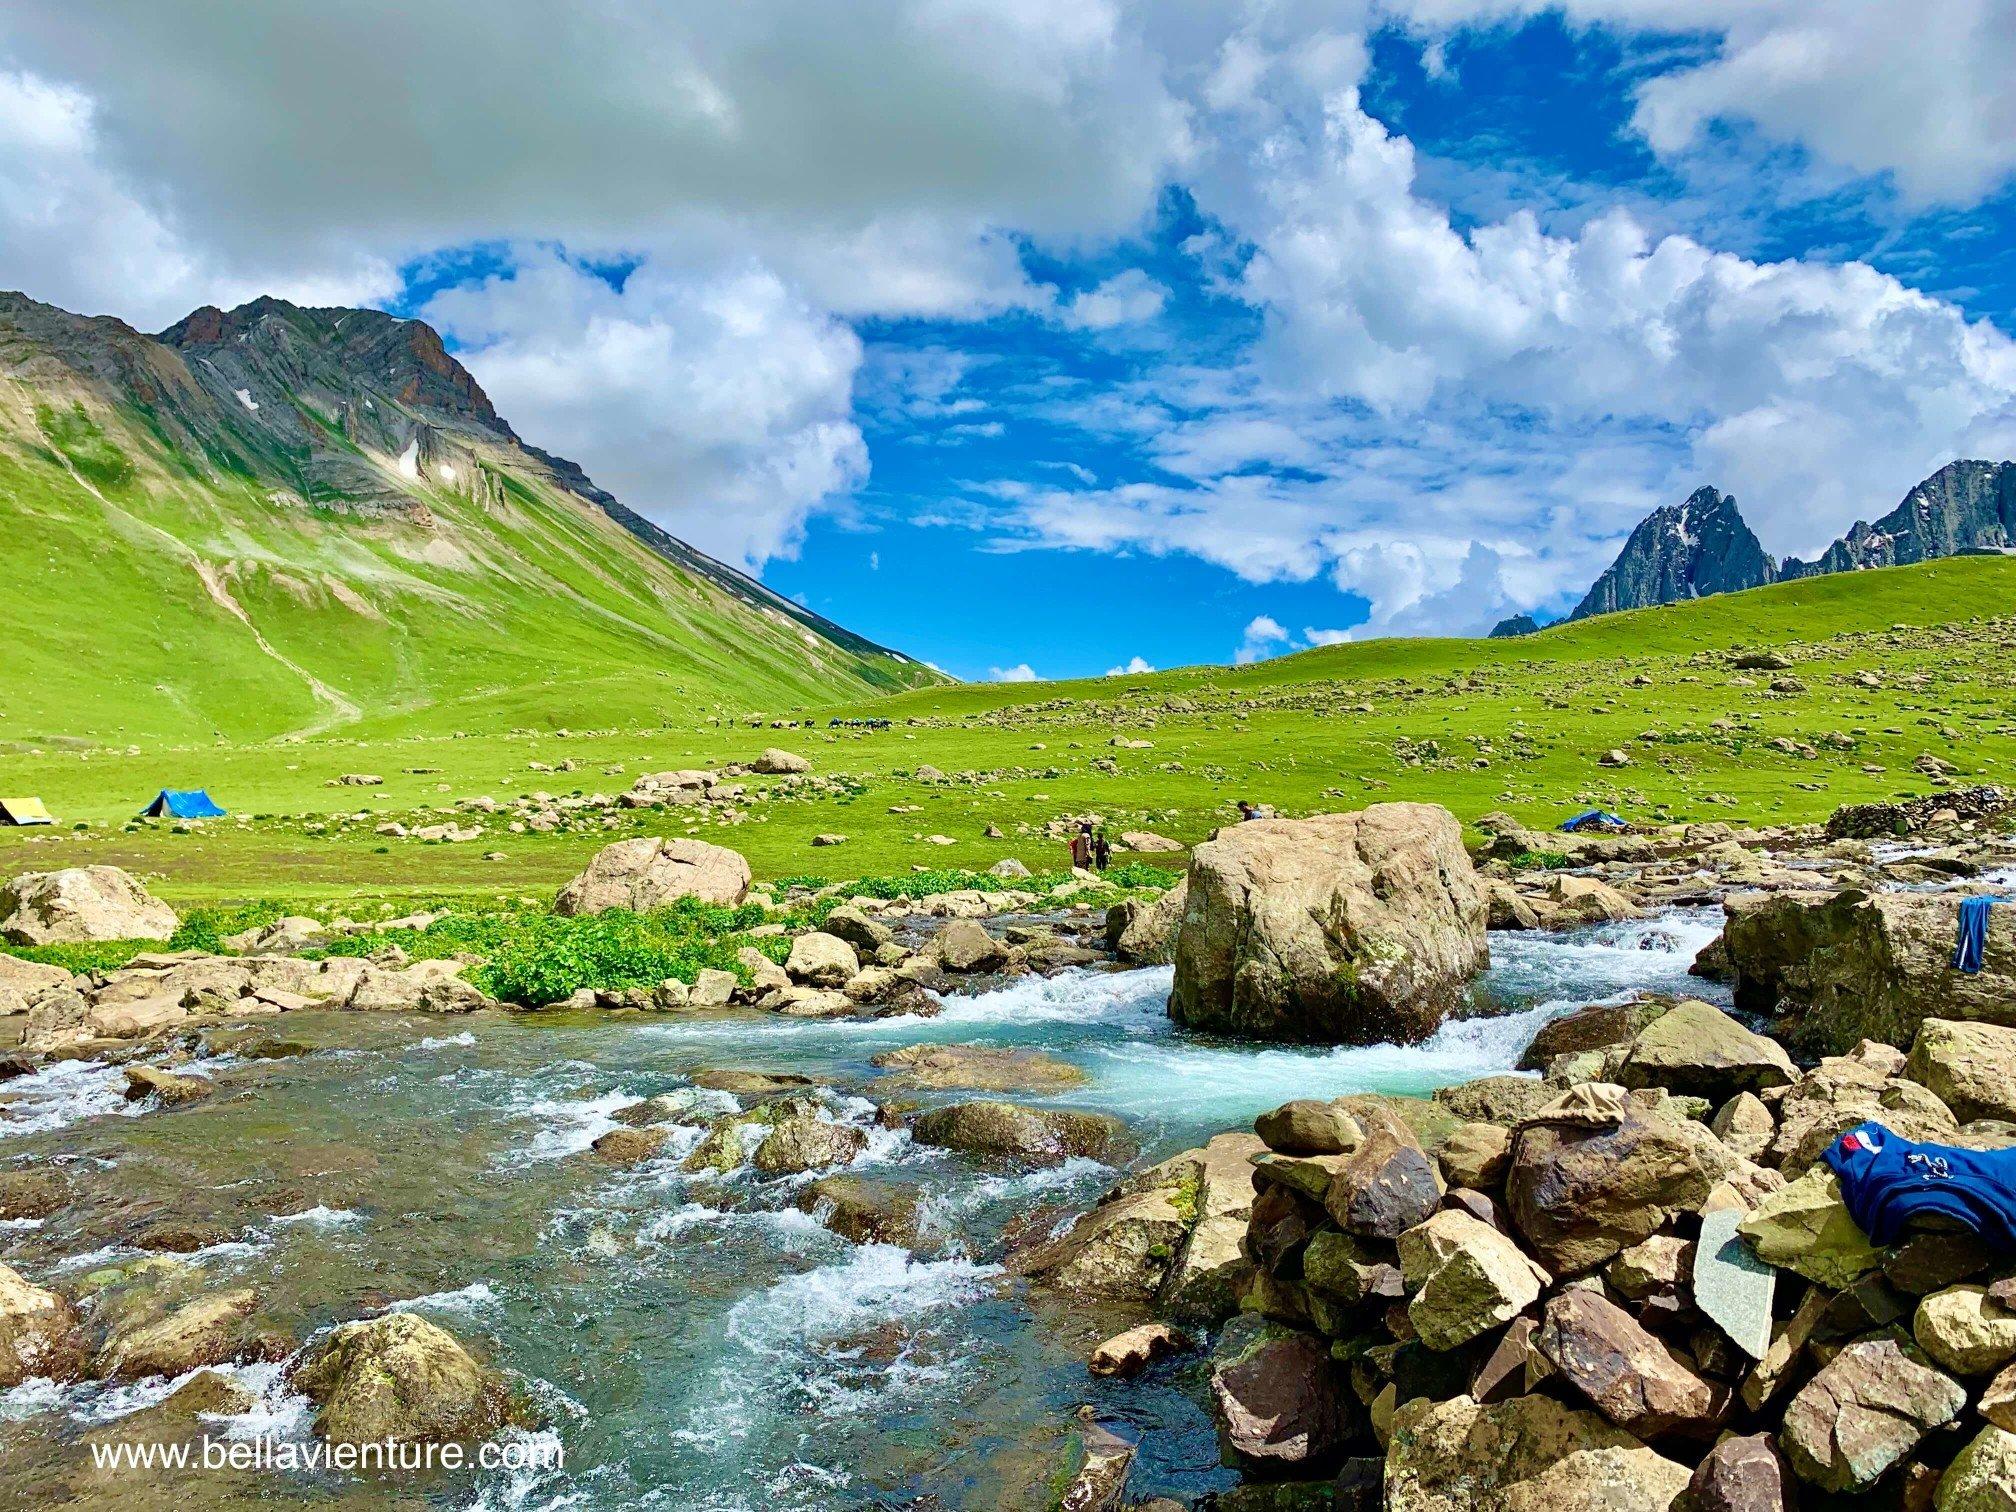 印度 India 北北印 North India 喀什米爾  Kashmir 八天七夜 健行 大自然 美景 藍天與小河